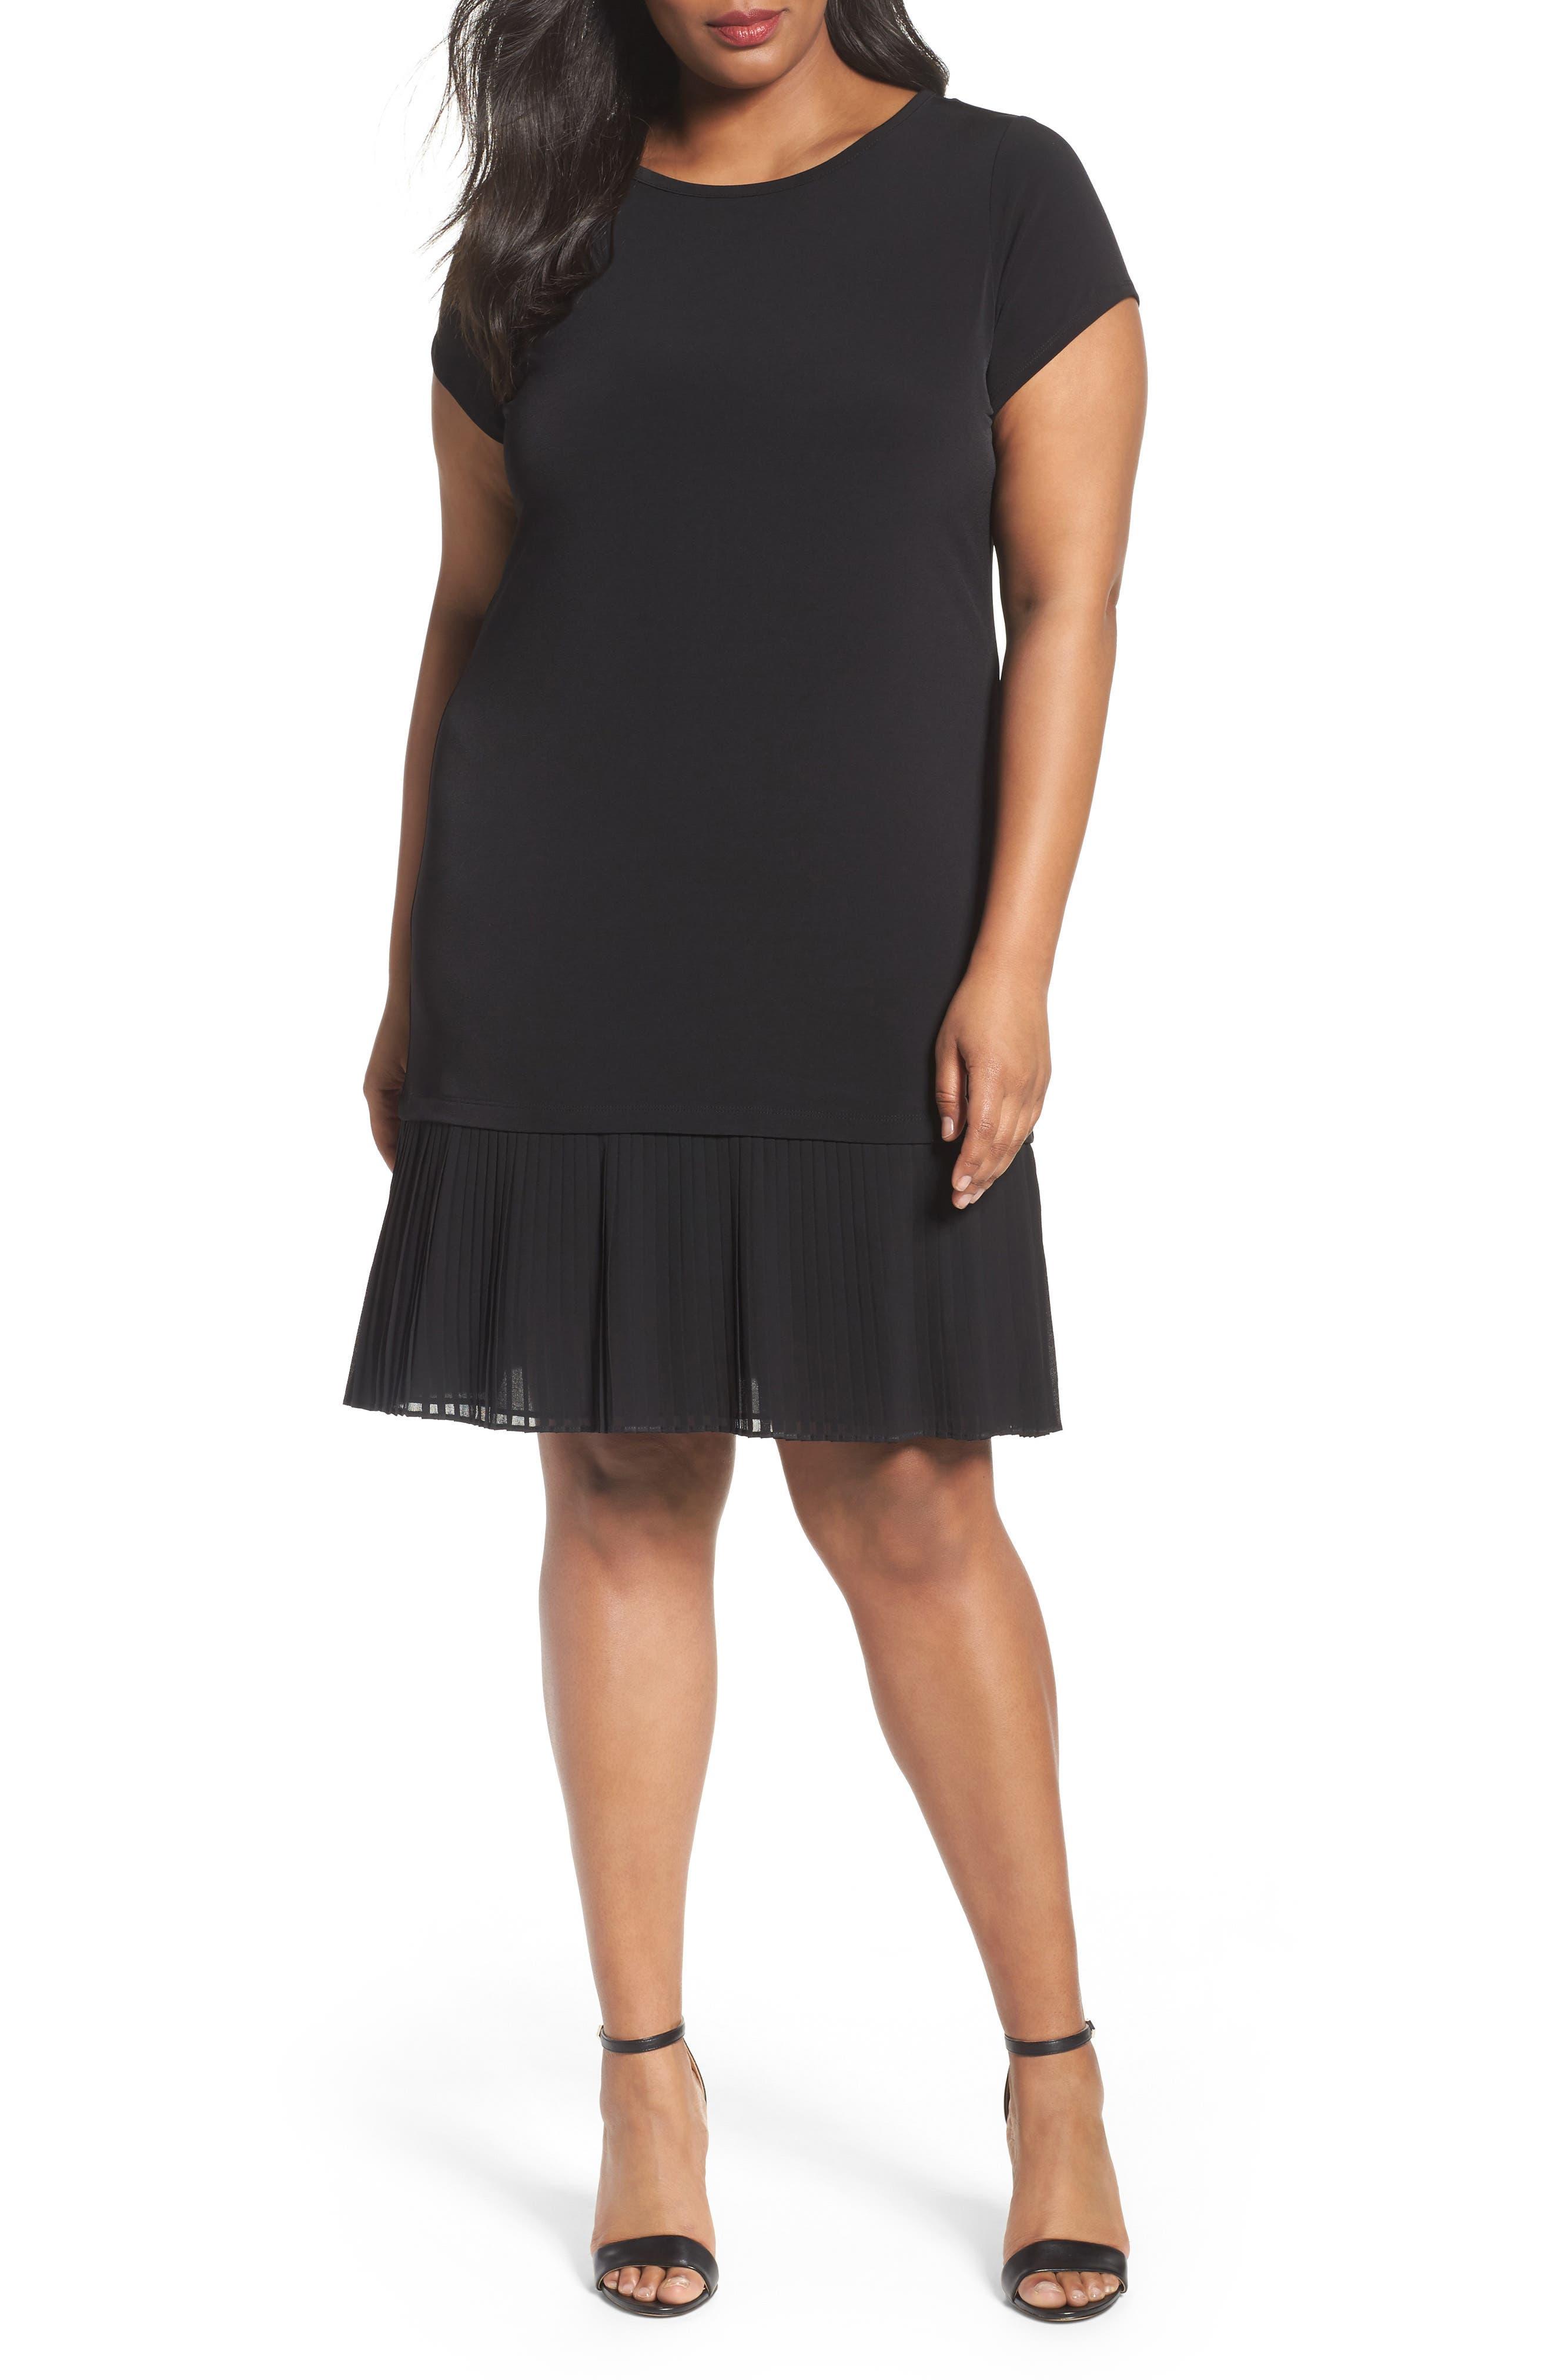 Main Image - MICHAEL Michael Kors Pleat Chiffon Hem Jersey Dress (Plus Size)